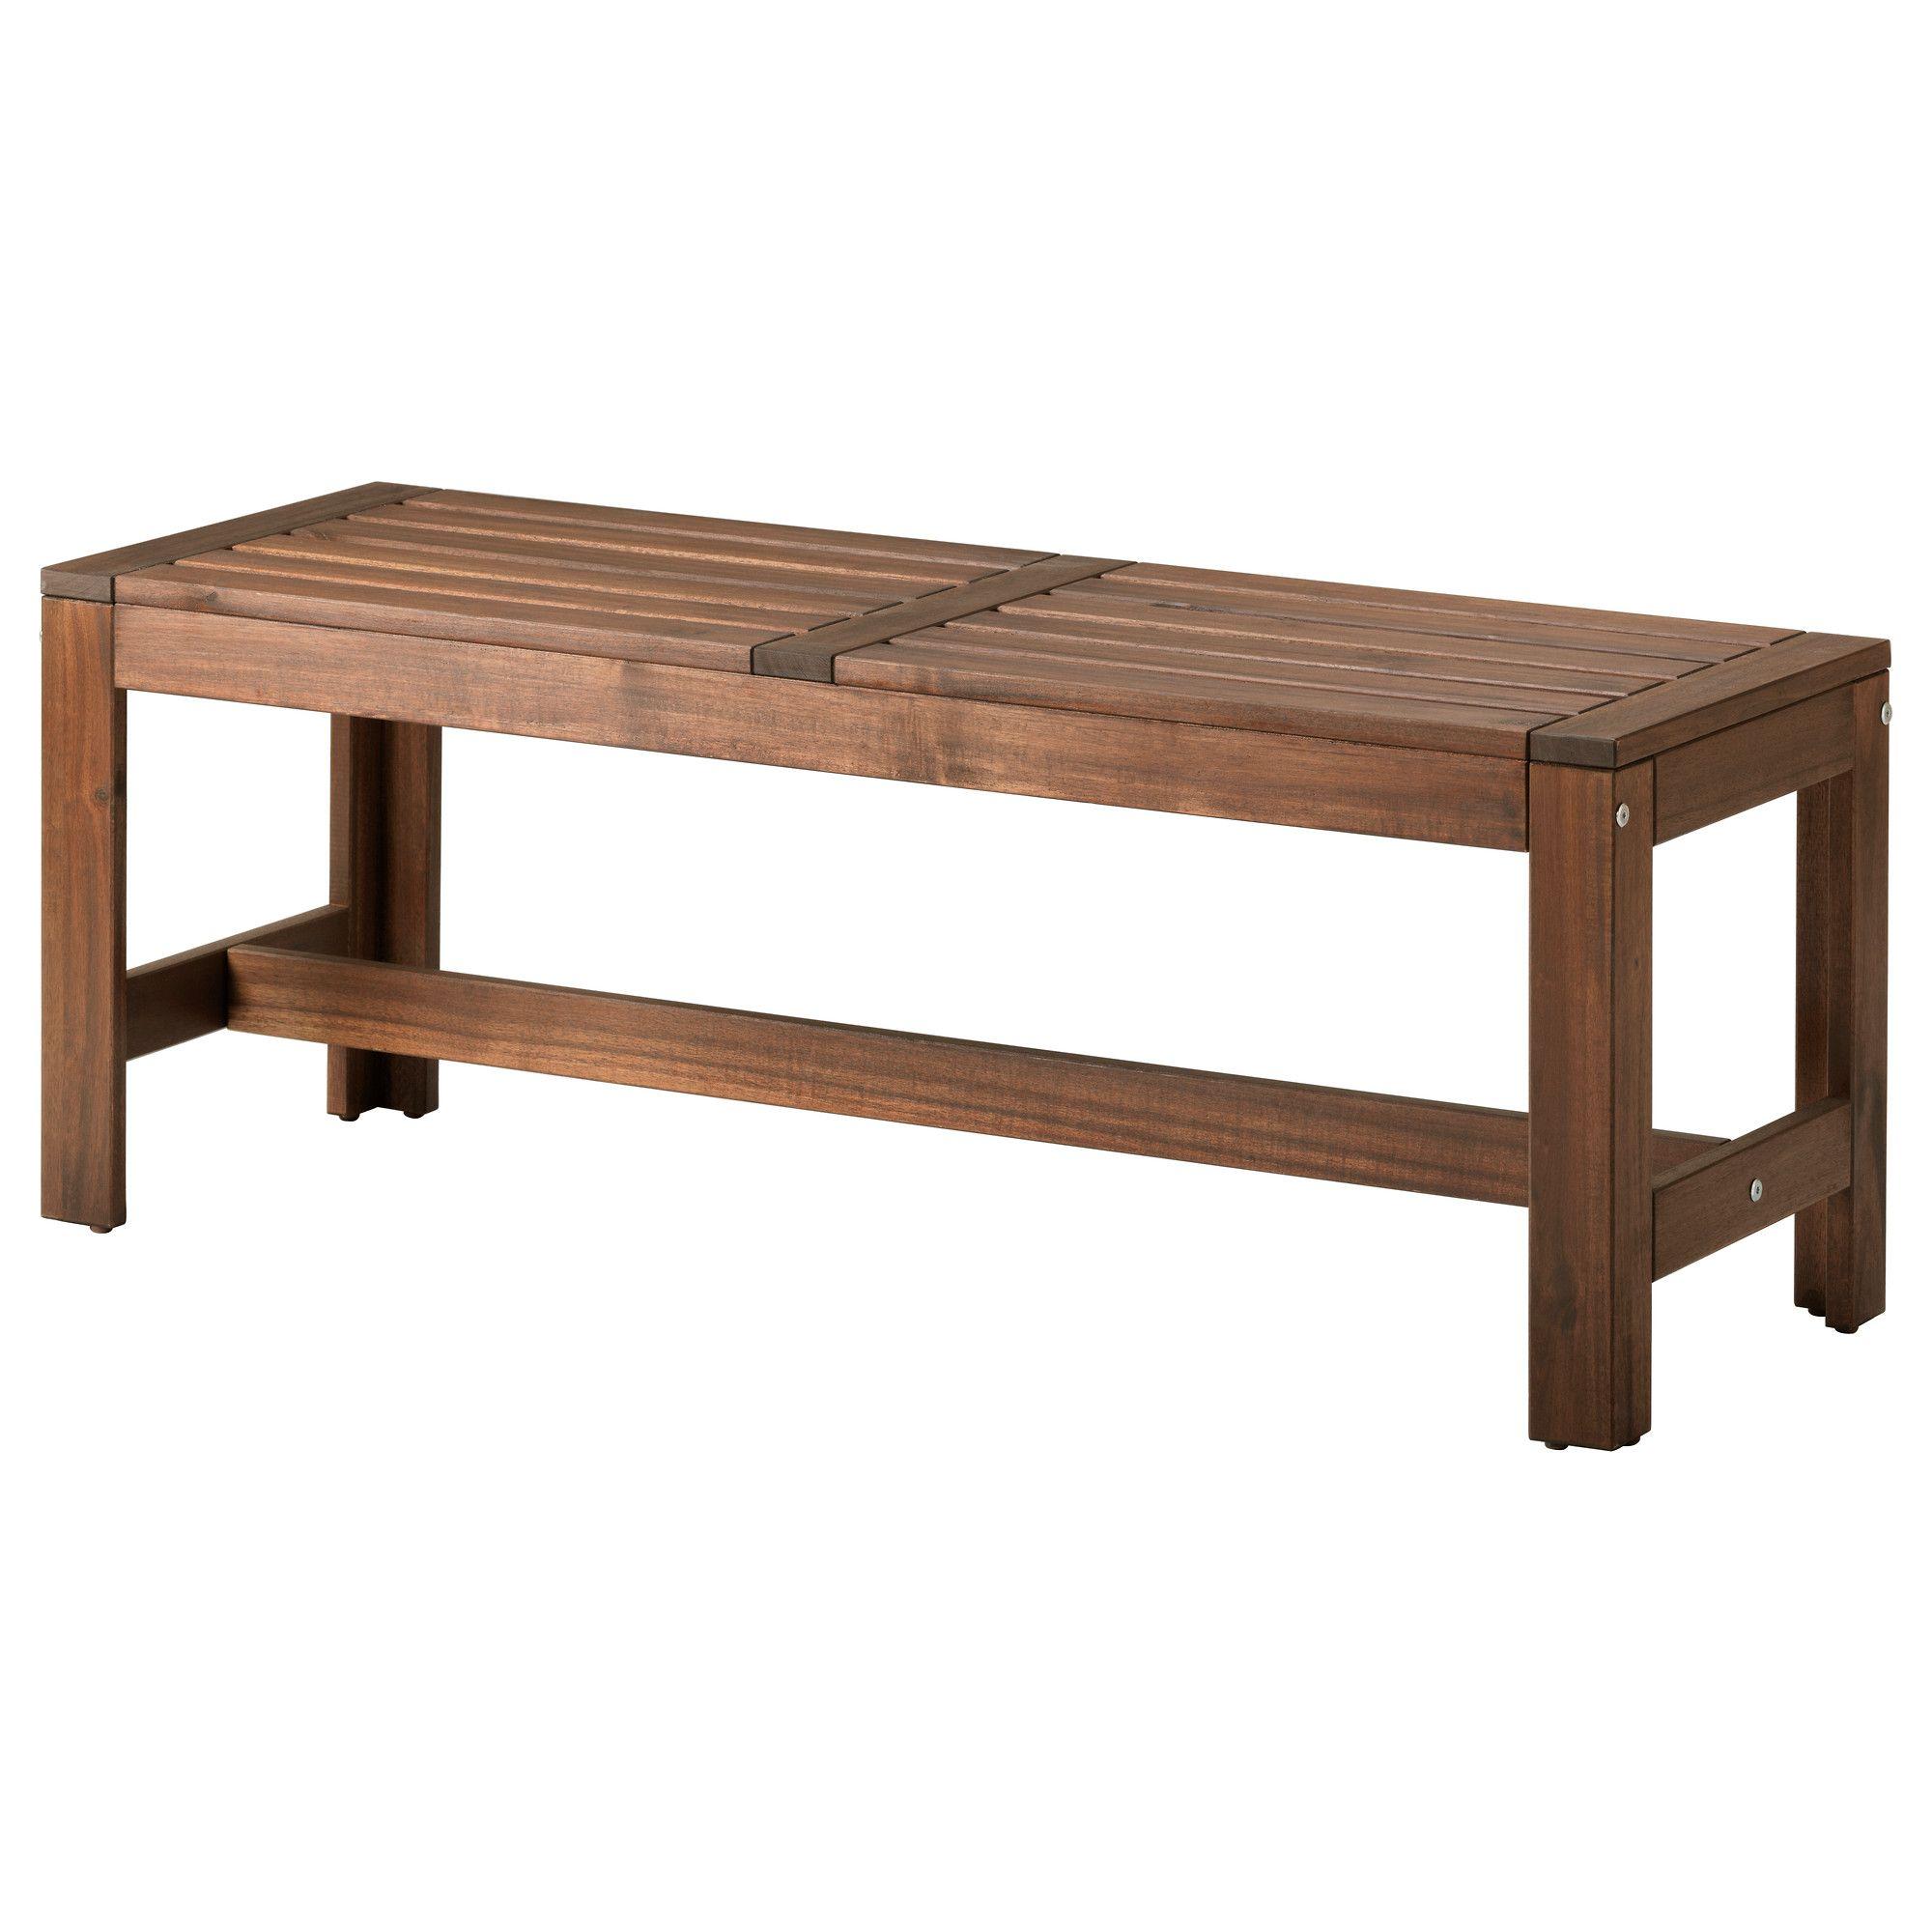 Applaro Banc Ikea Ikea Houten Bankjes Tuinstoelen